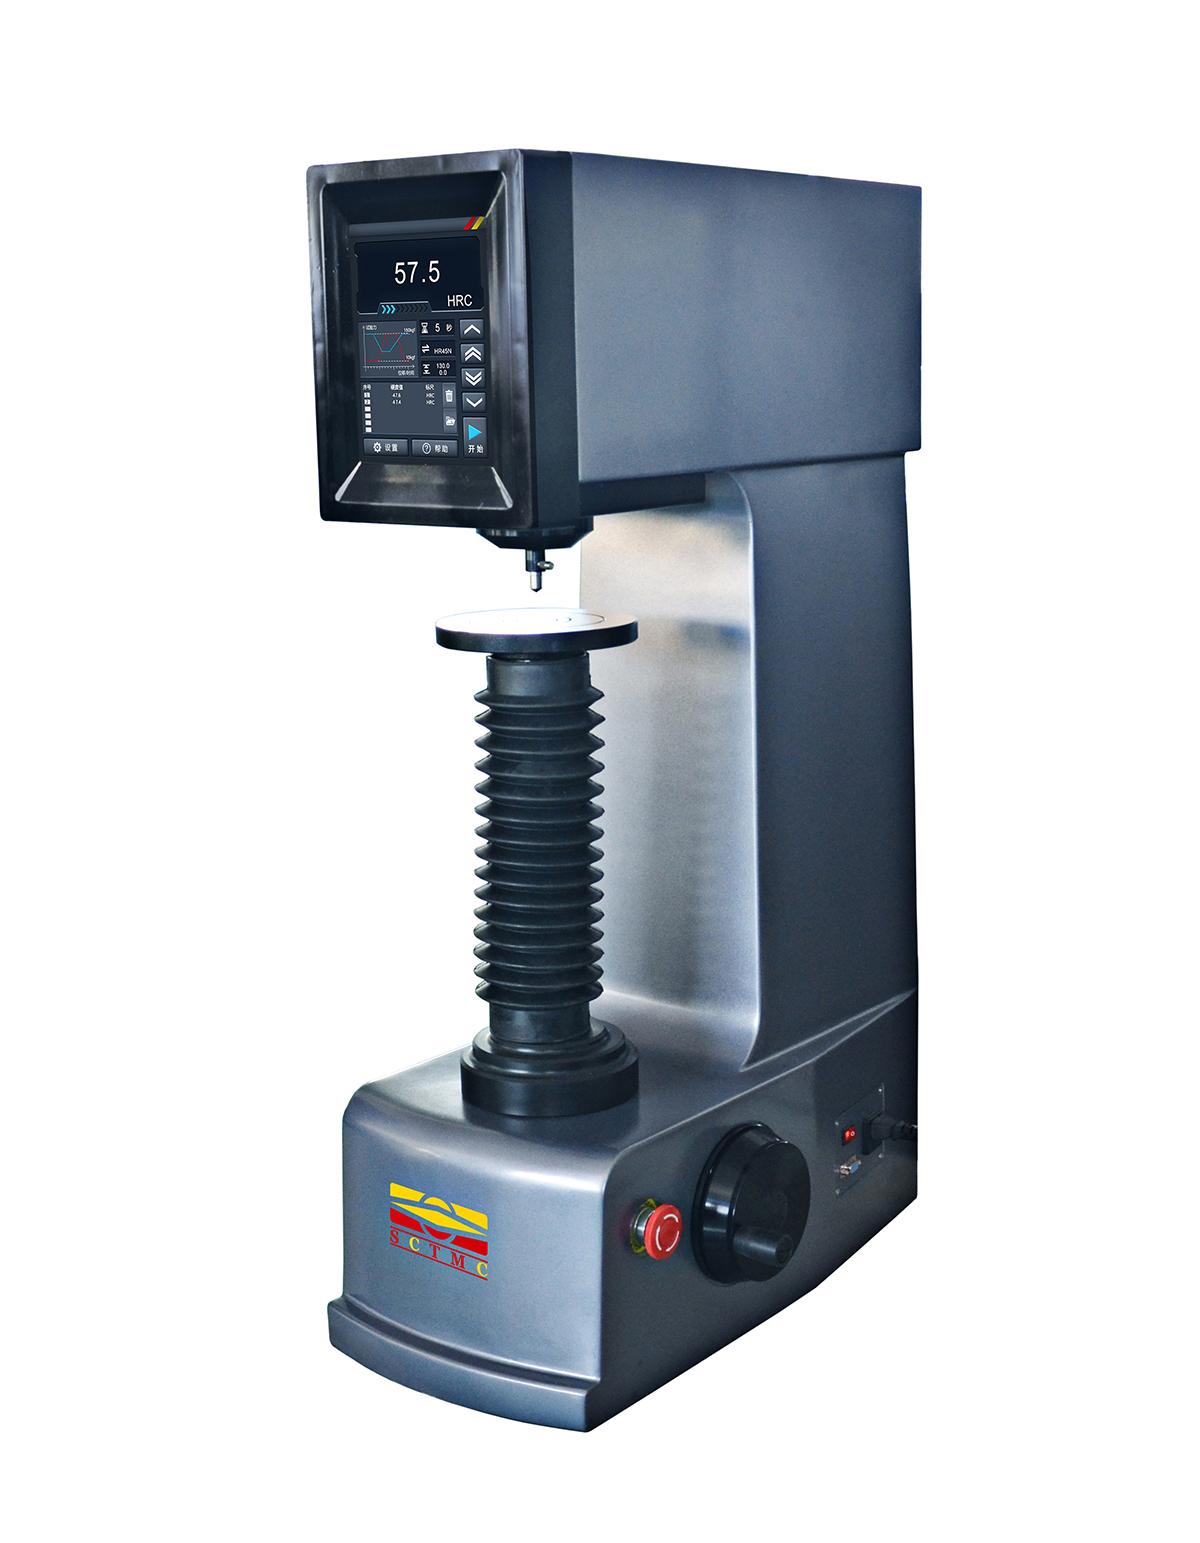 布氏硬度机标准 上海尚材试验机供应